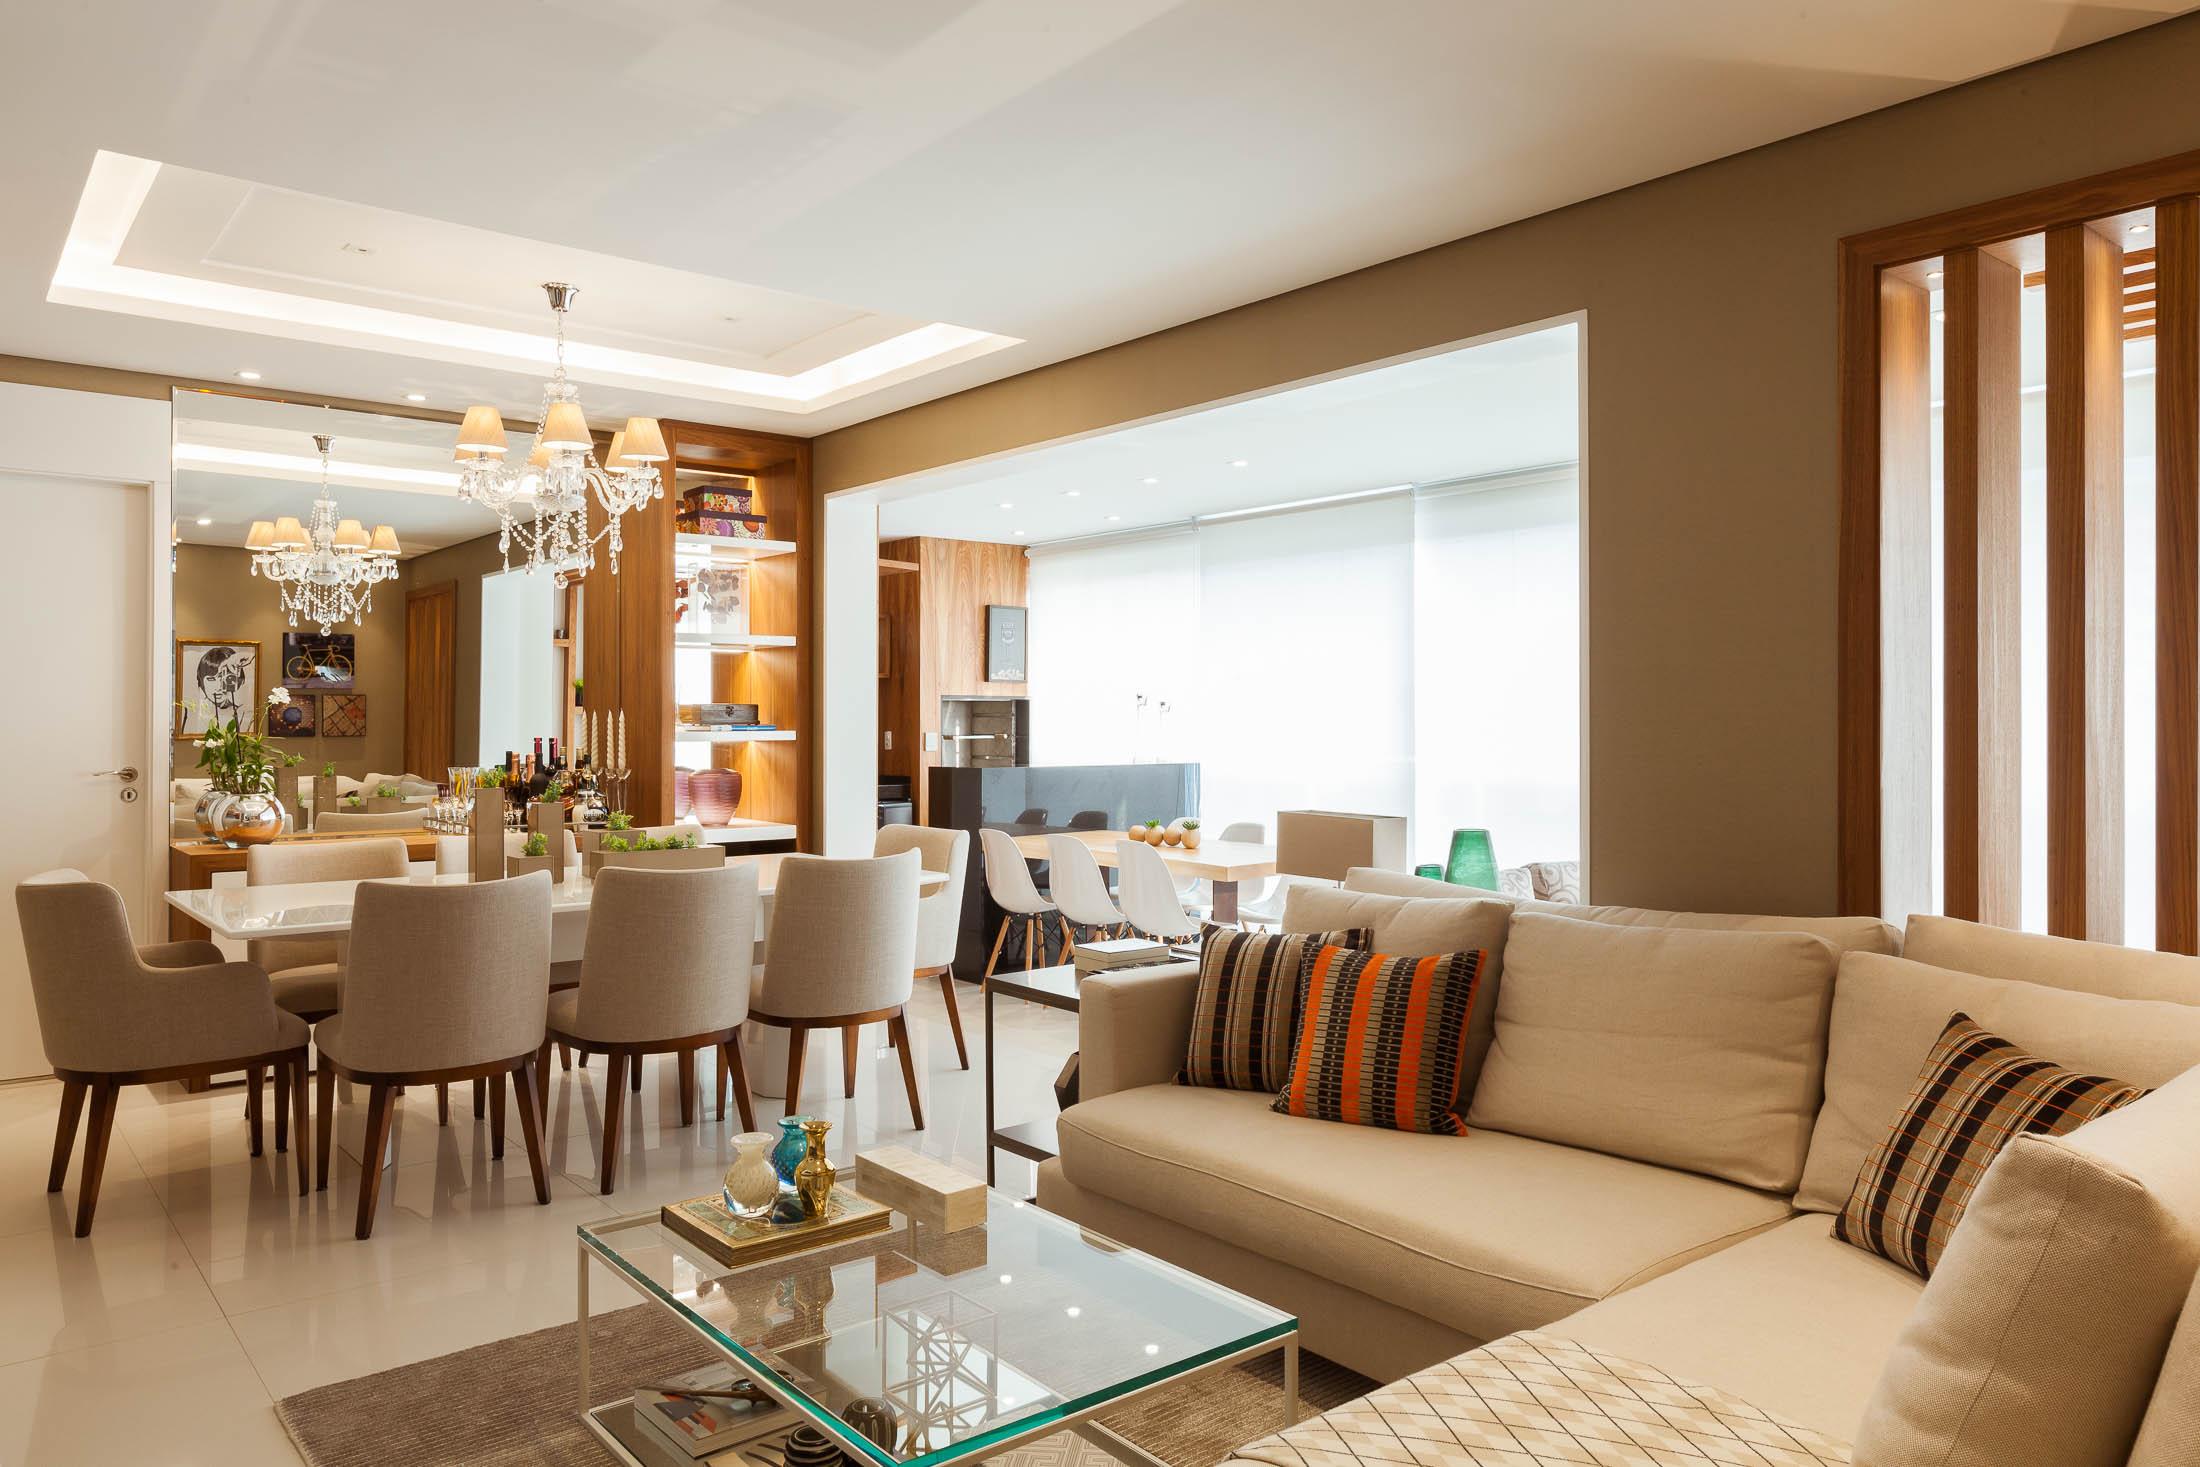 decoração apartamento com sala e varanda integradas (7)